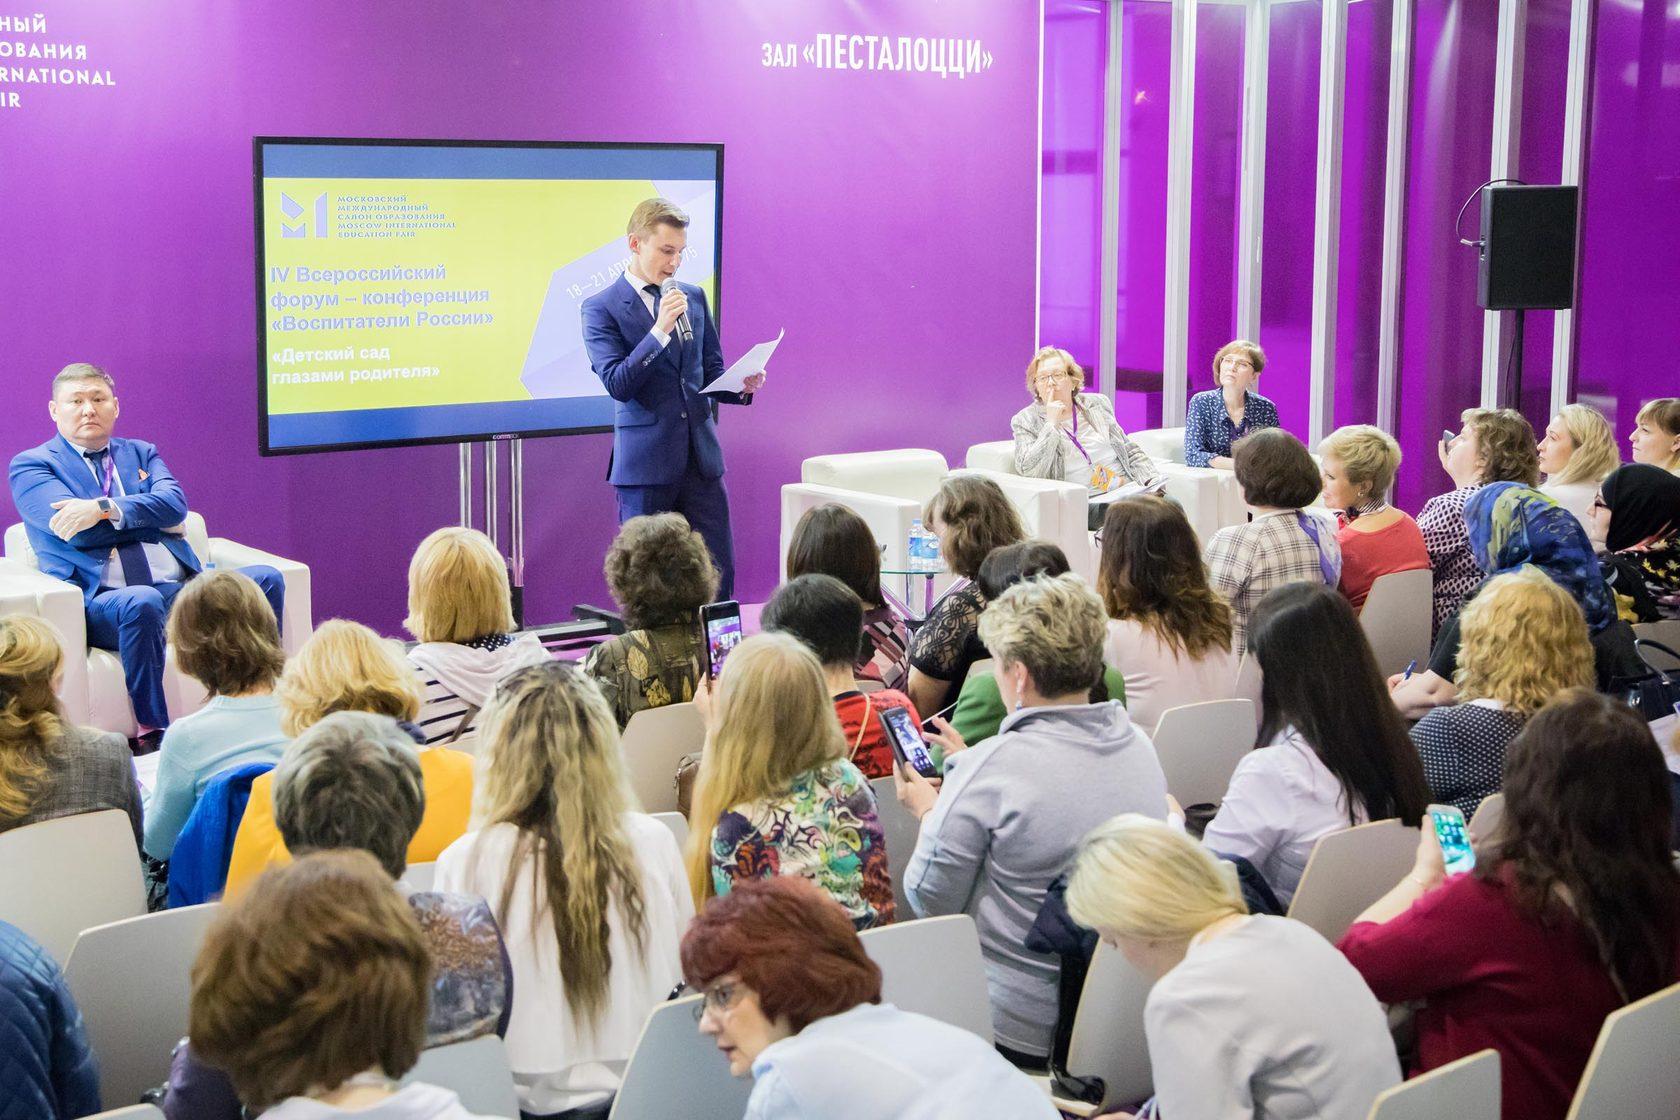 можно поздравление образование на конференции предоставляют